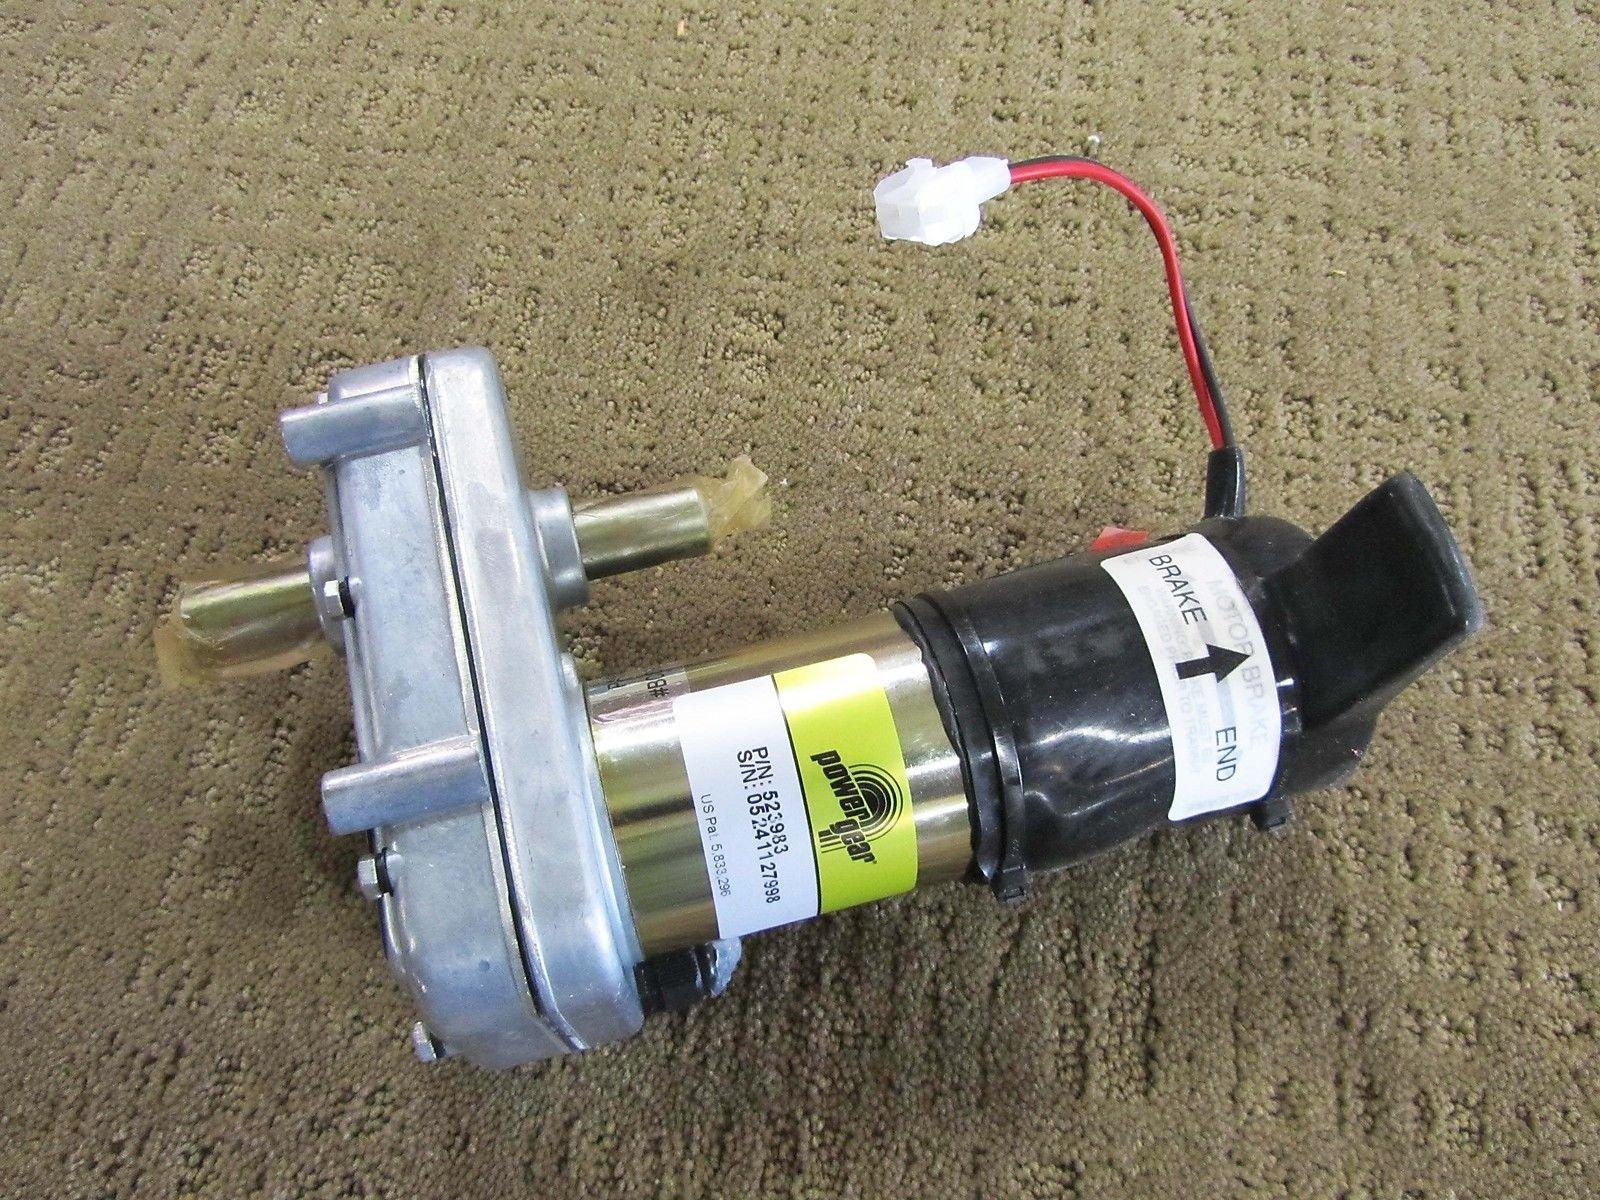 NEW MOTOR RV POWER GEAR HYDRAULIC PUMP ASSEMBLY AMF4613 800302 W-3528 11212440